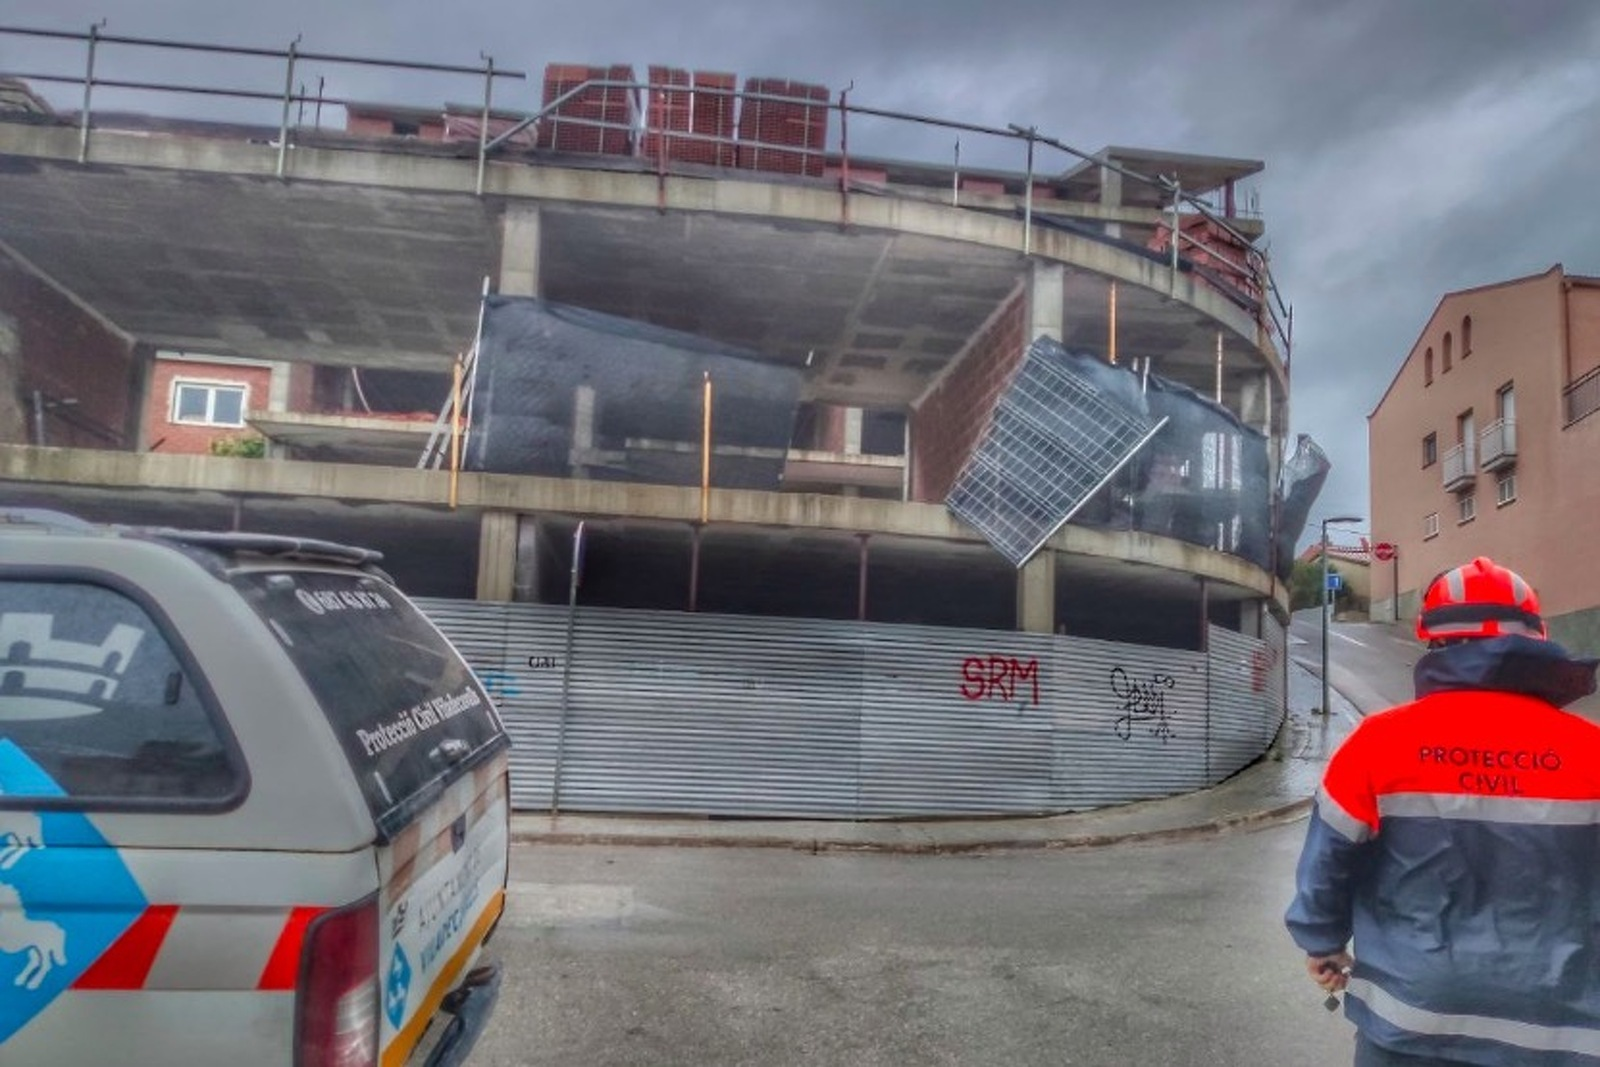 Una de les intervencions de Protecció Civil durant l'episodi de vent